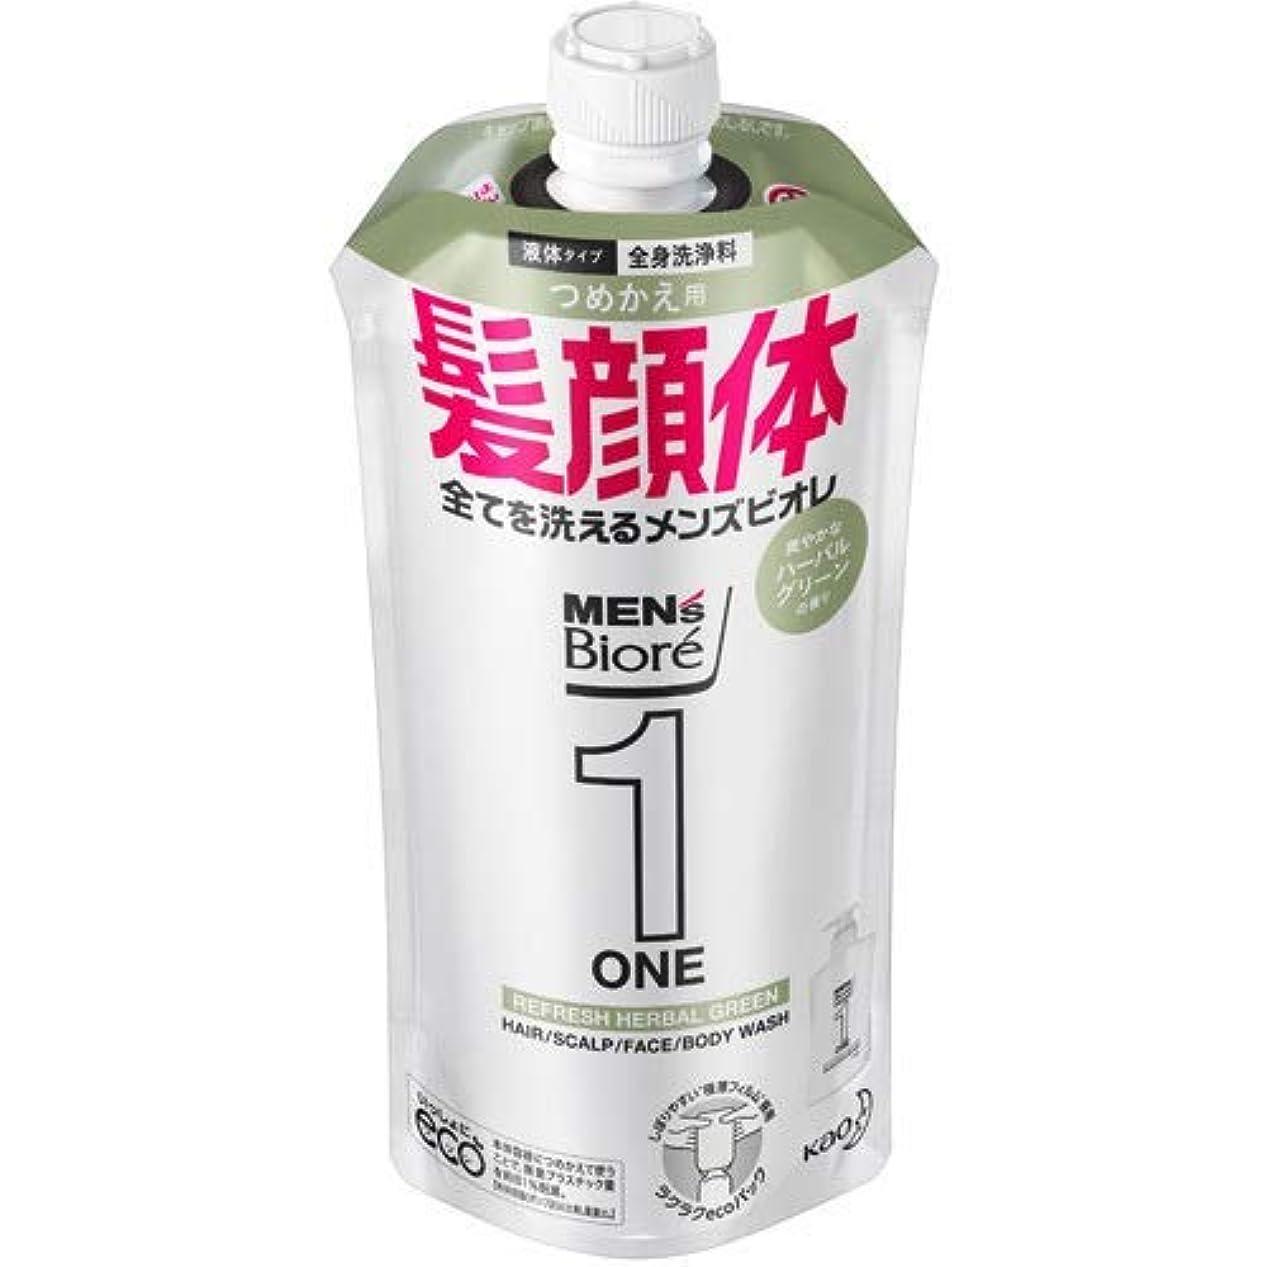 プレゼンター雄弁家チューブ【10個セット】メンズビオレONE オールインワン全身洗浄料 爽やかなハーブルグリーンの香り つめかえ用 340mL